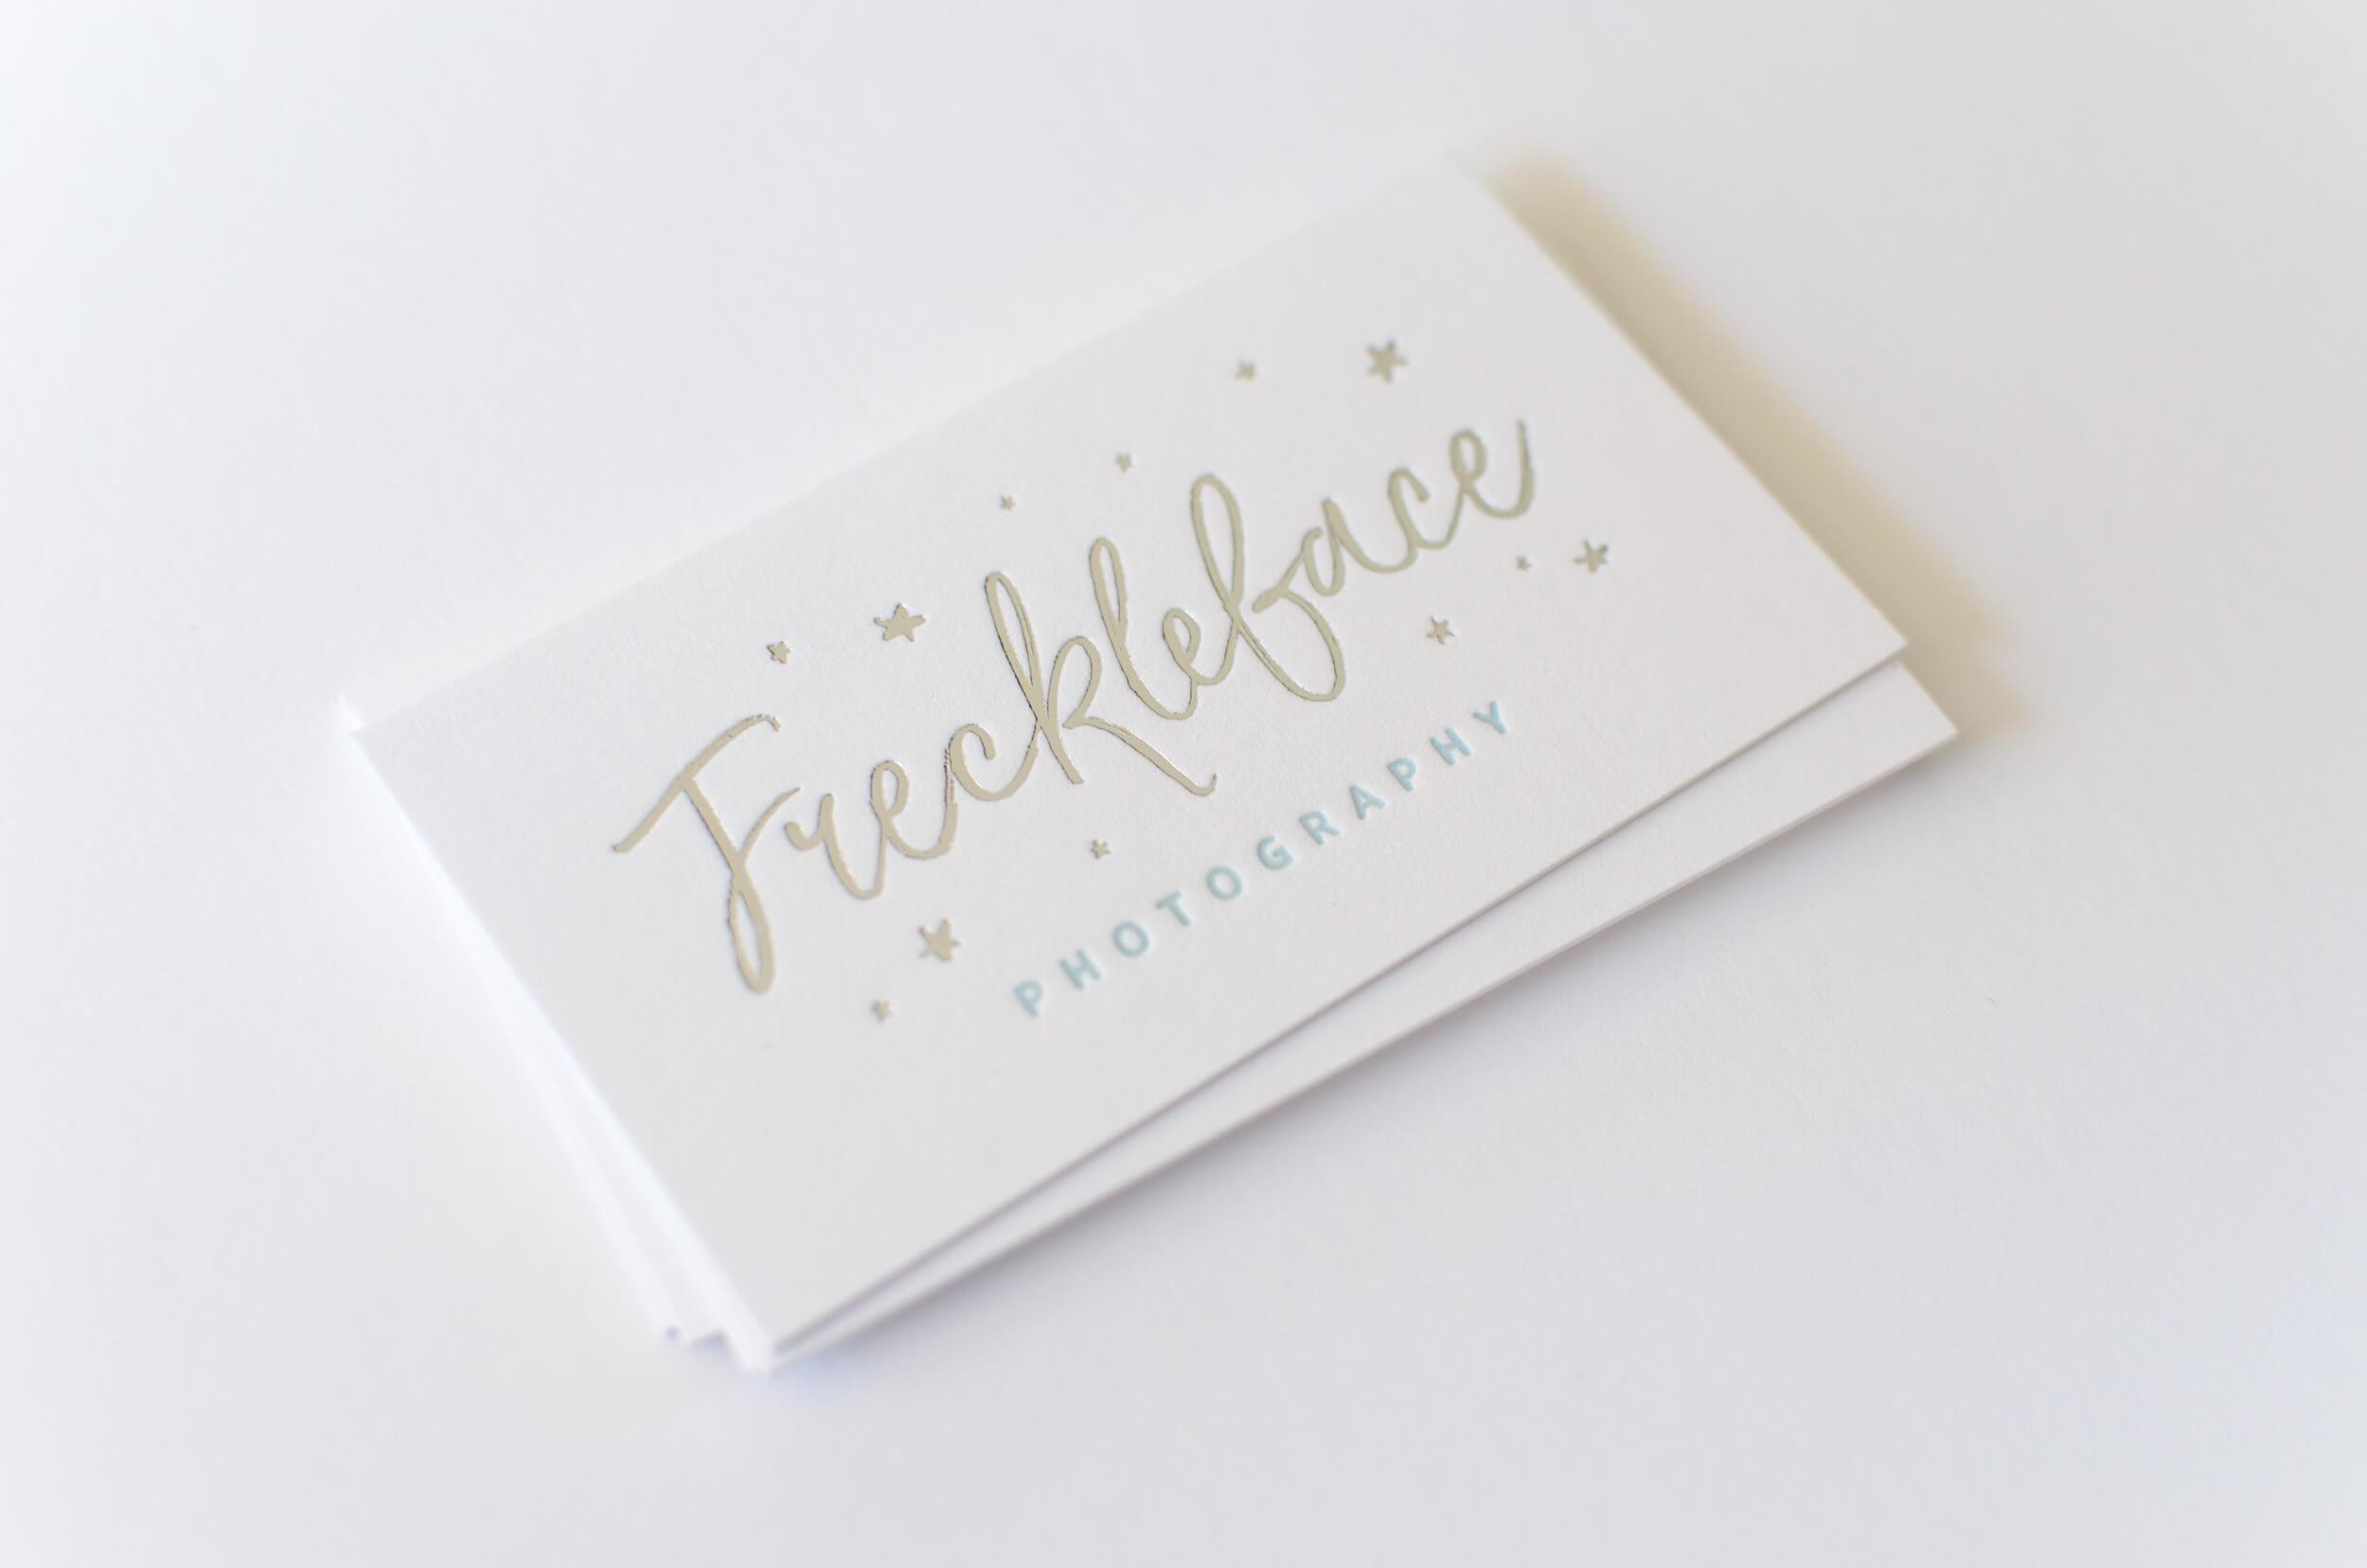 freckleface-businesscards-letterpress-foil-7.jpg